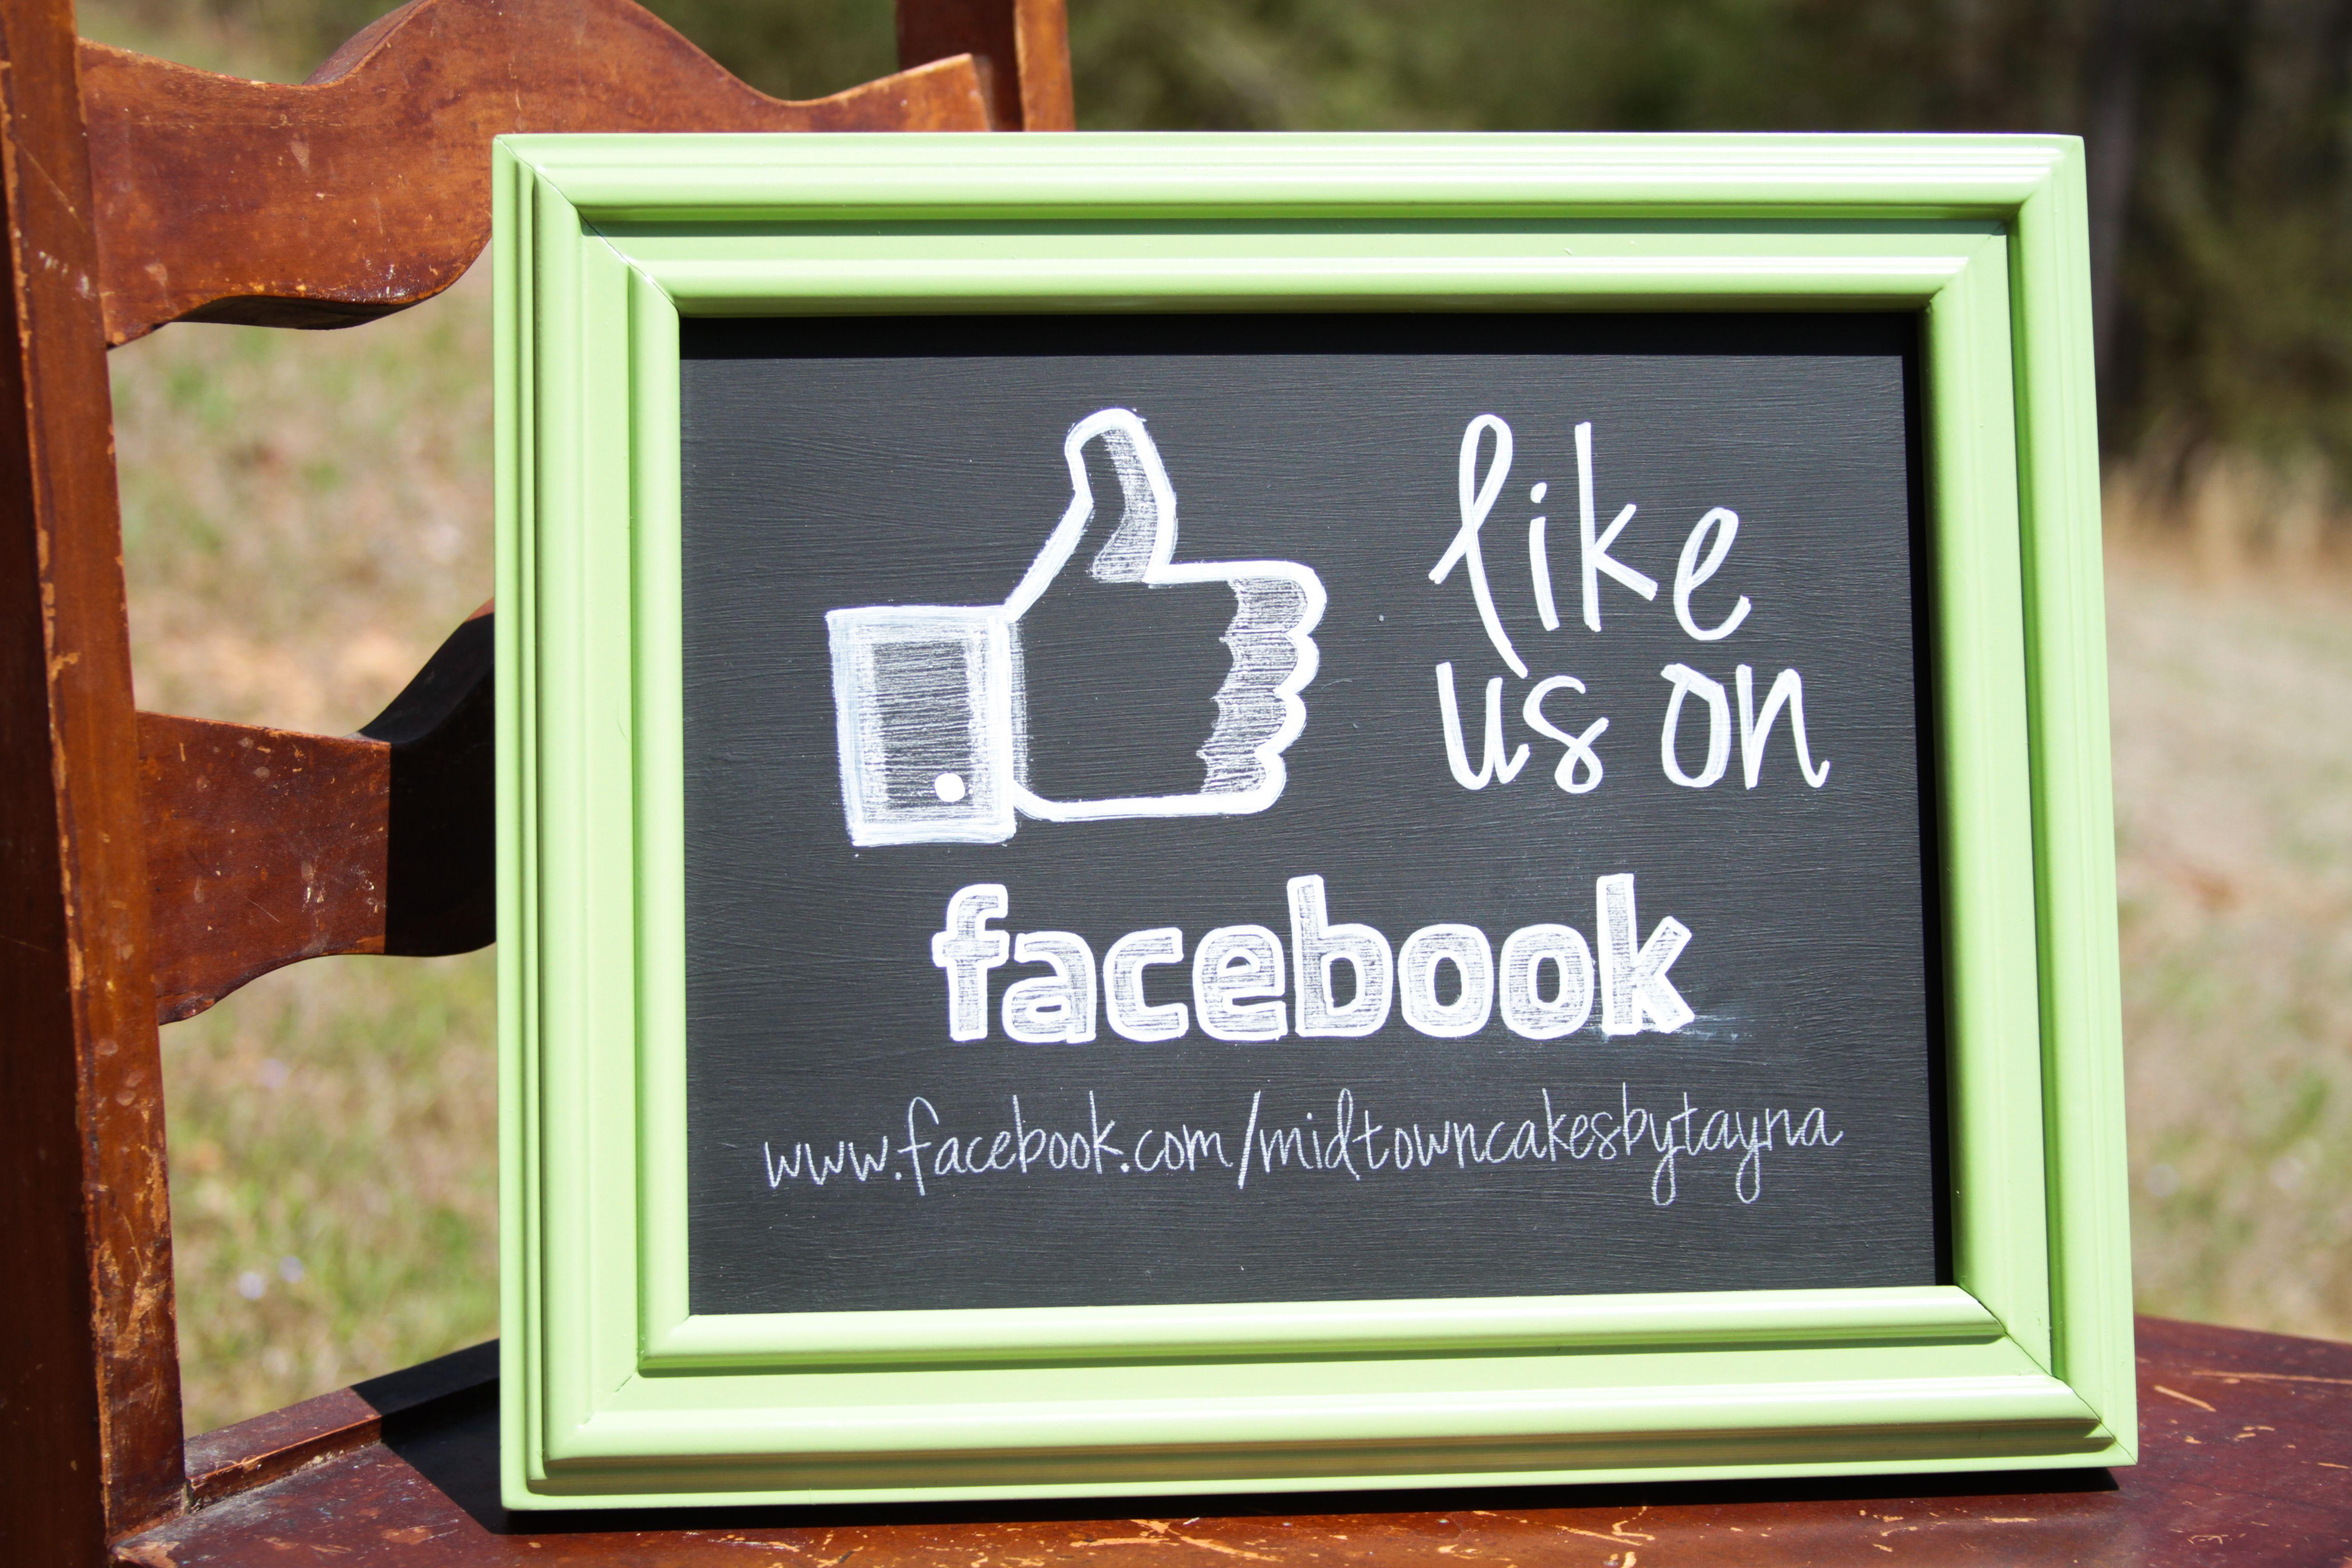 Like Us on Facebook Business Chalkboard by www.facebook